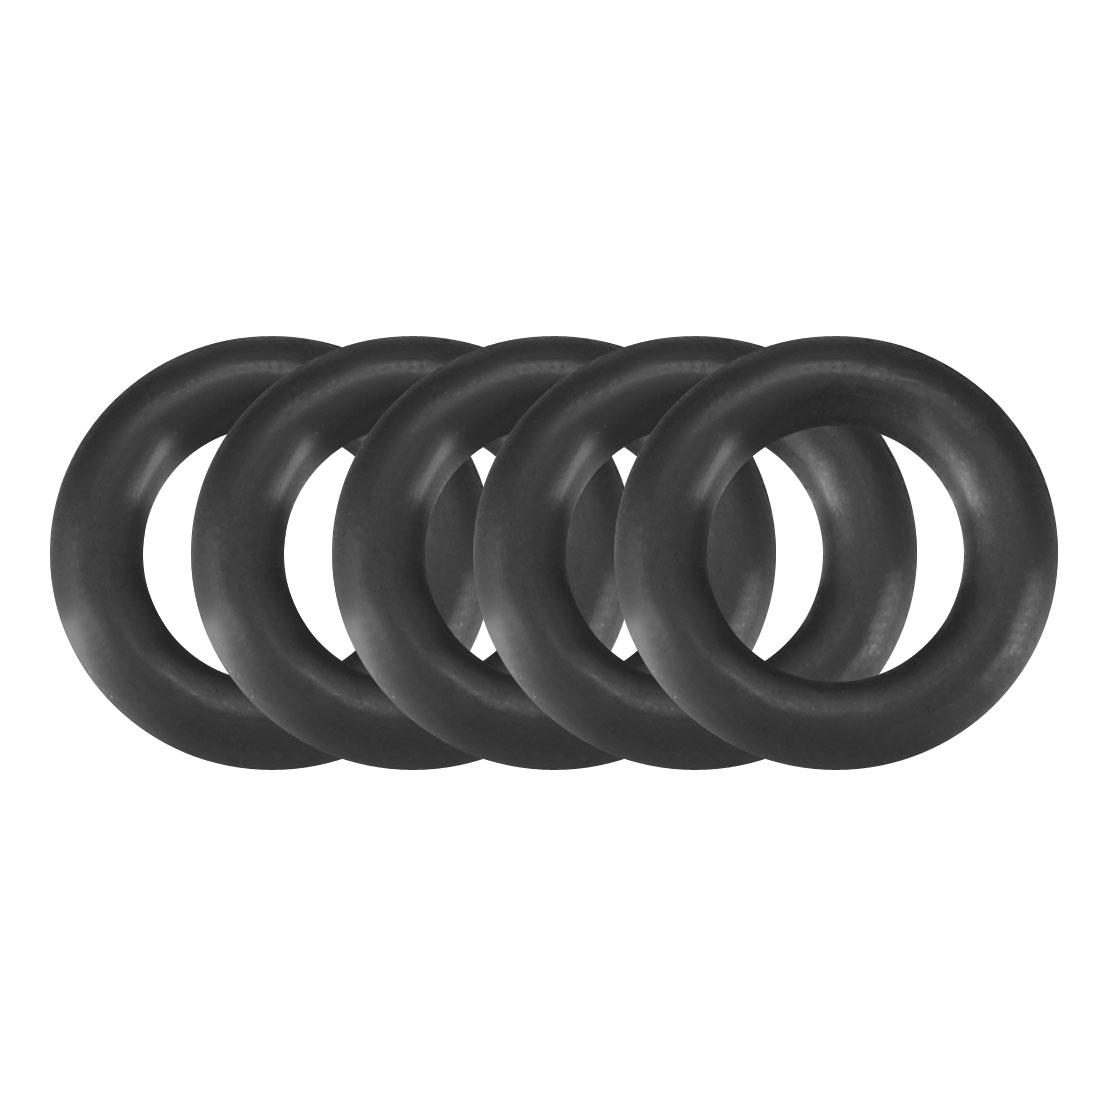 50pcs Black Nitrile Butadiene Rubber NBR O-Ring 4.5mm Inner Dia 1.8mm Width